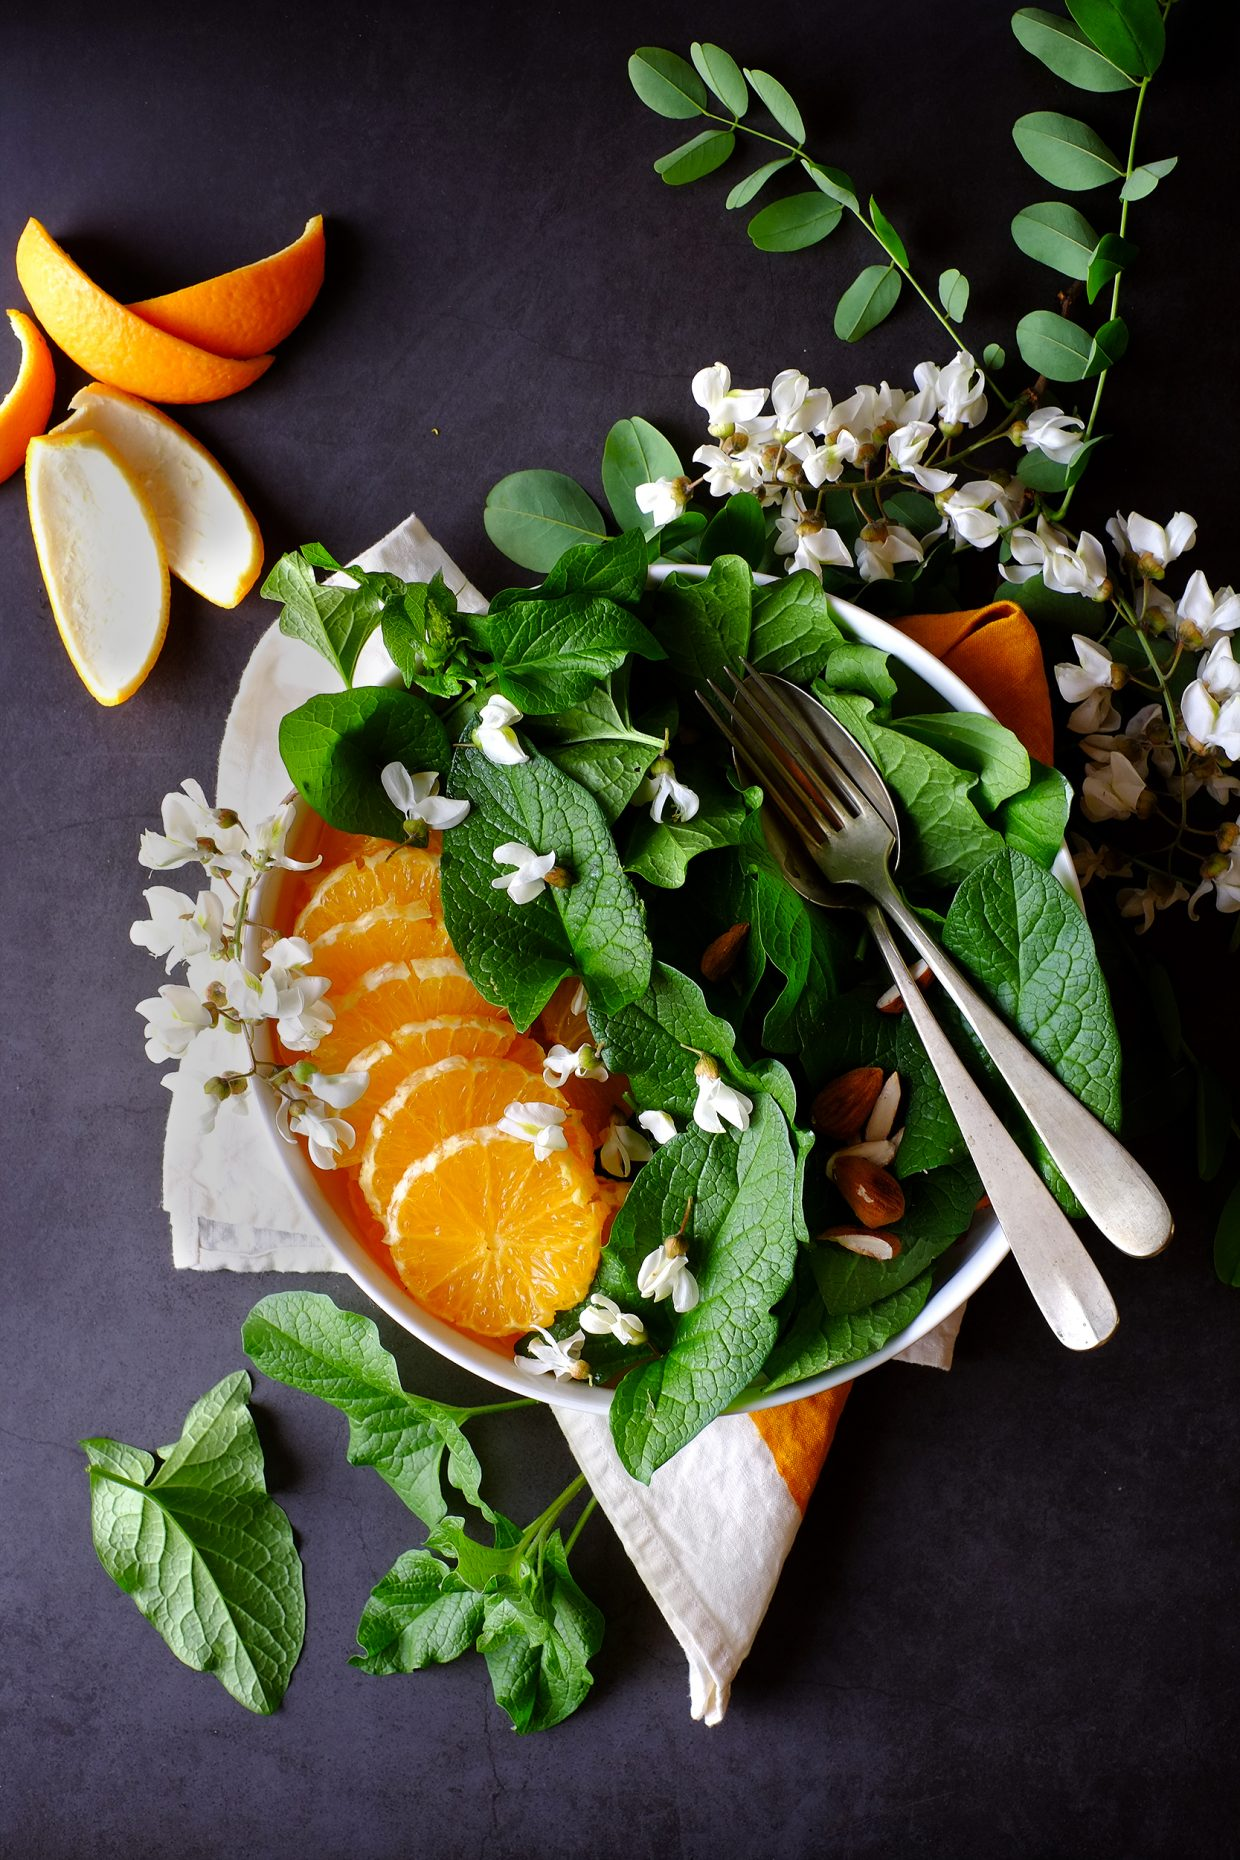 Insalata di spinacio selvatico Buon Enrico, arance e fiori d'acacia 9